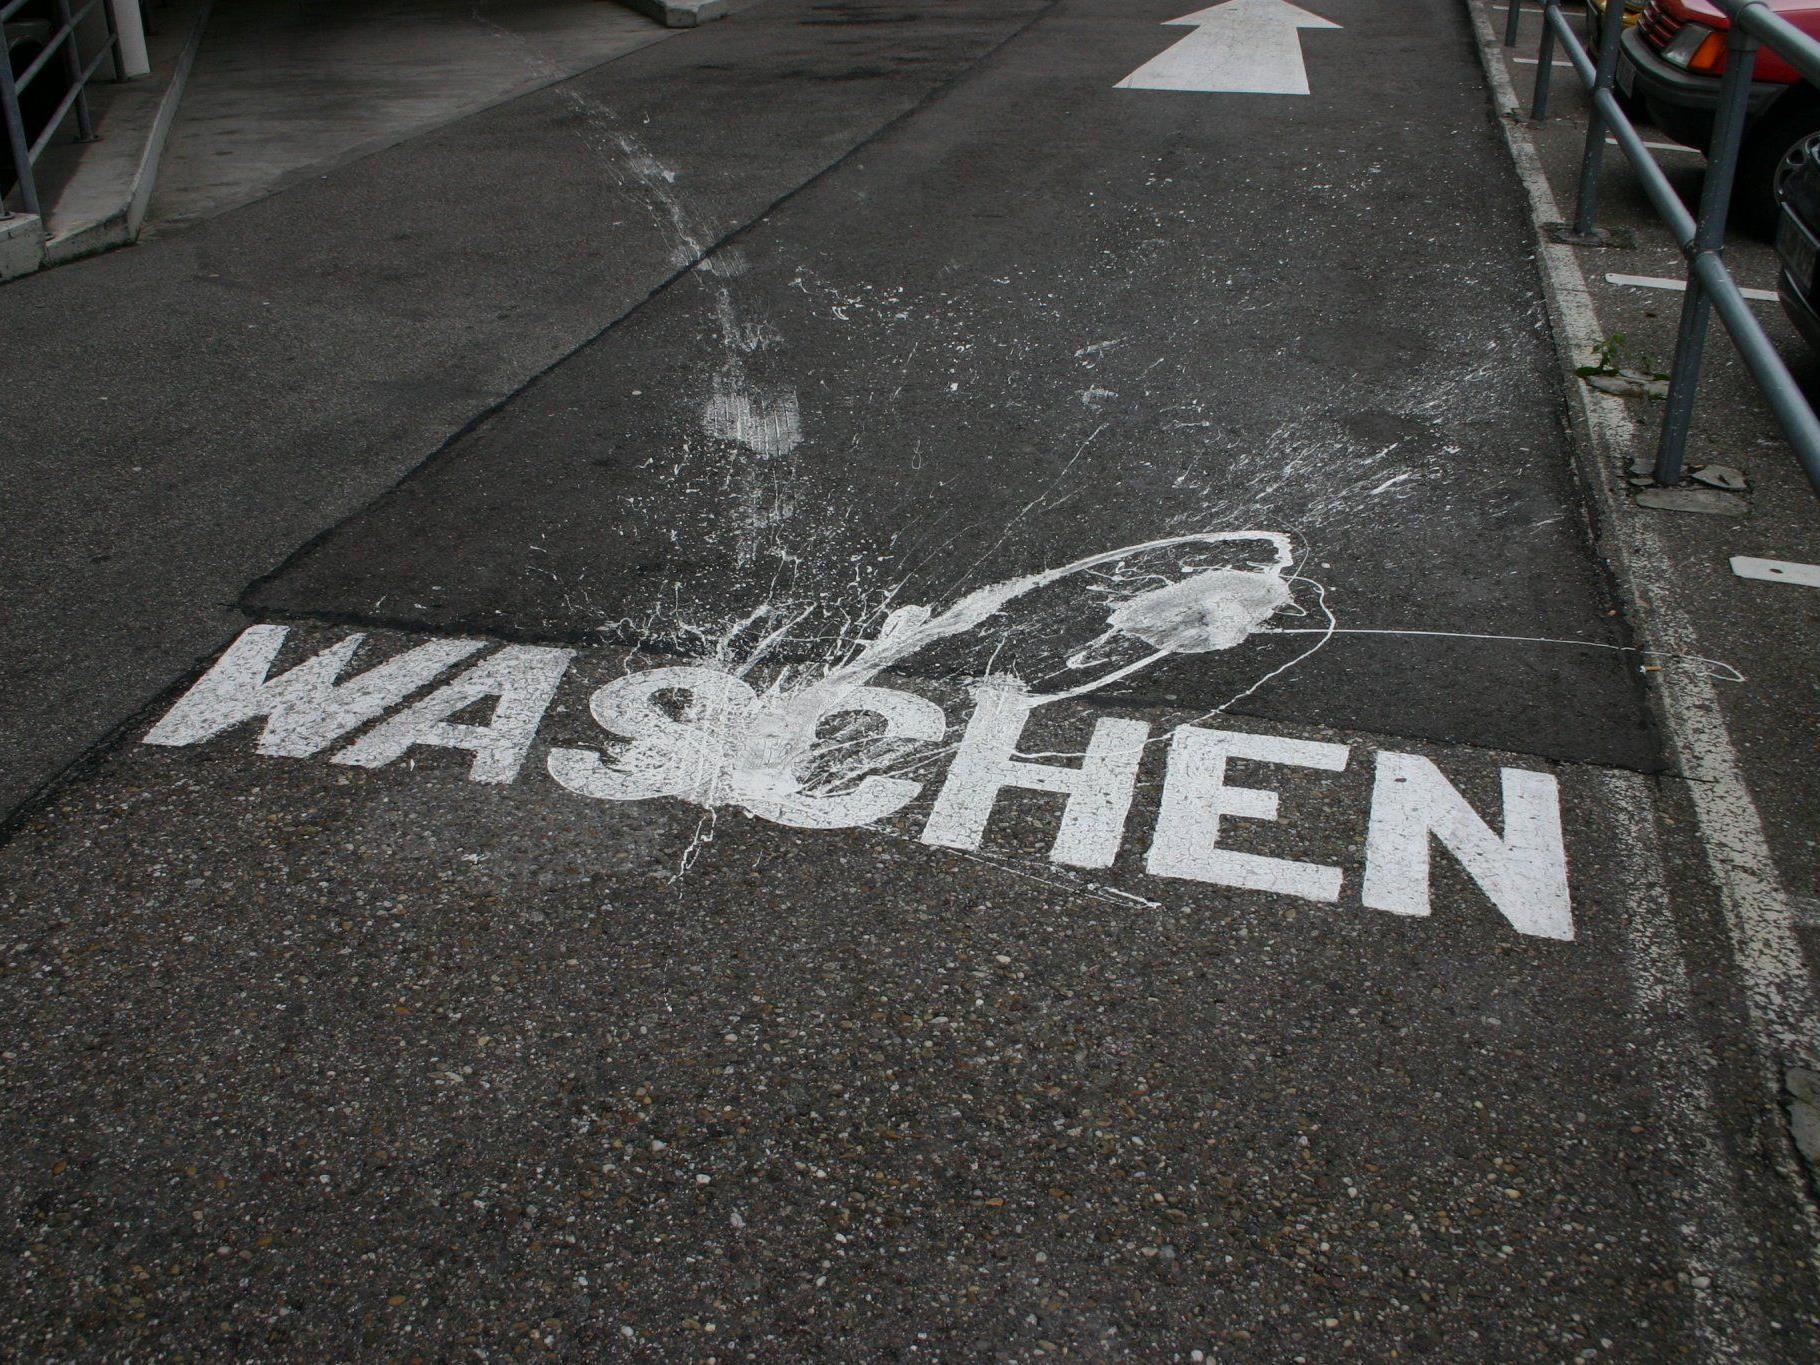 Sollte man vielleicht nicht, da könnten sie ja abgehen, die Straßenmarkierungen...